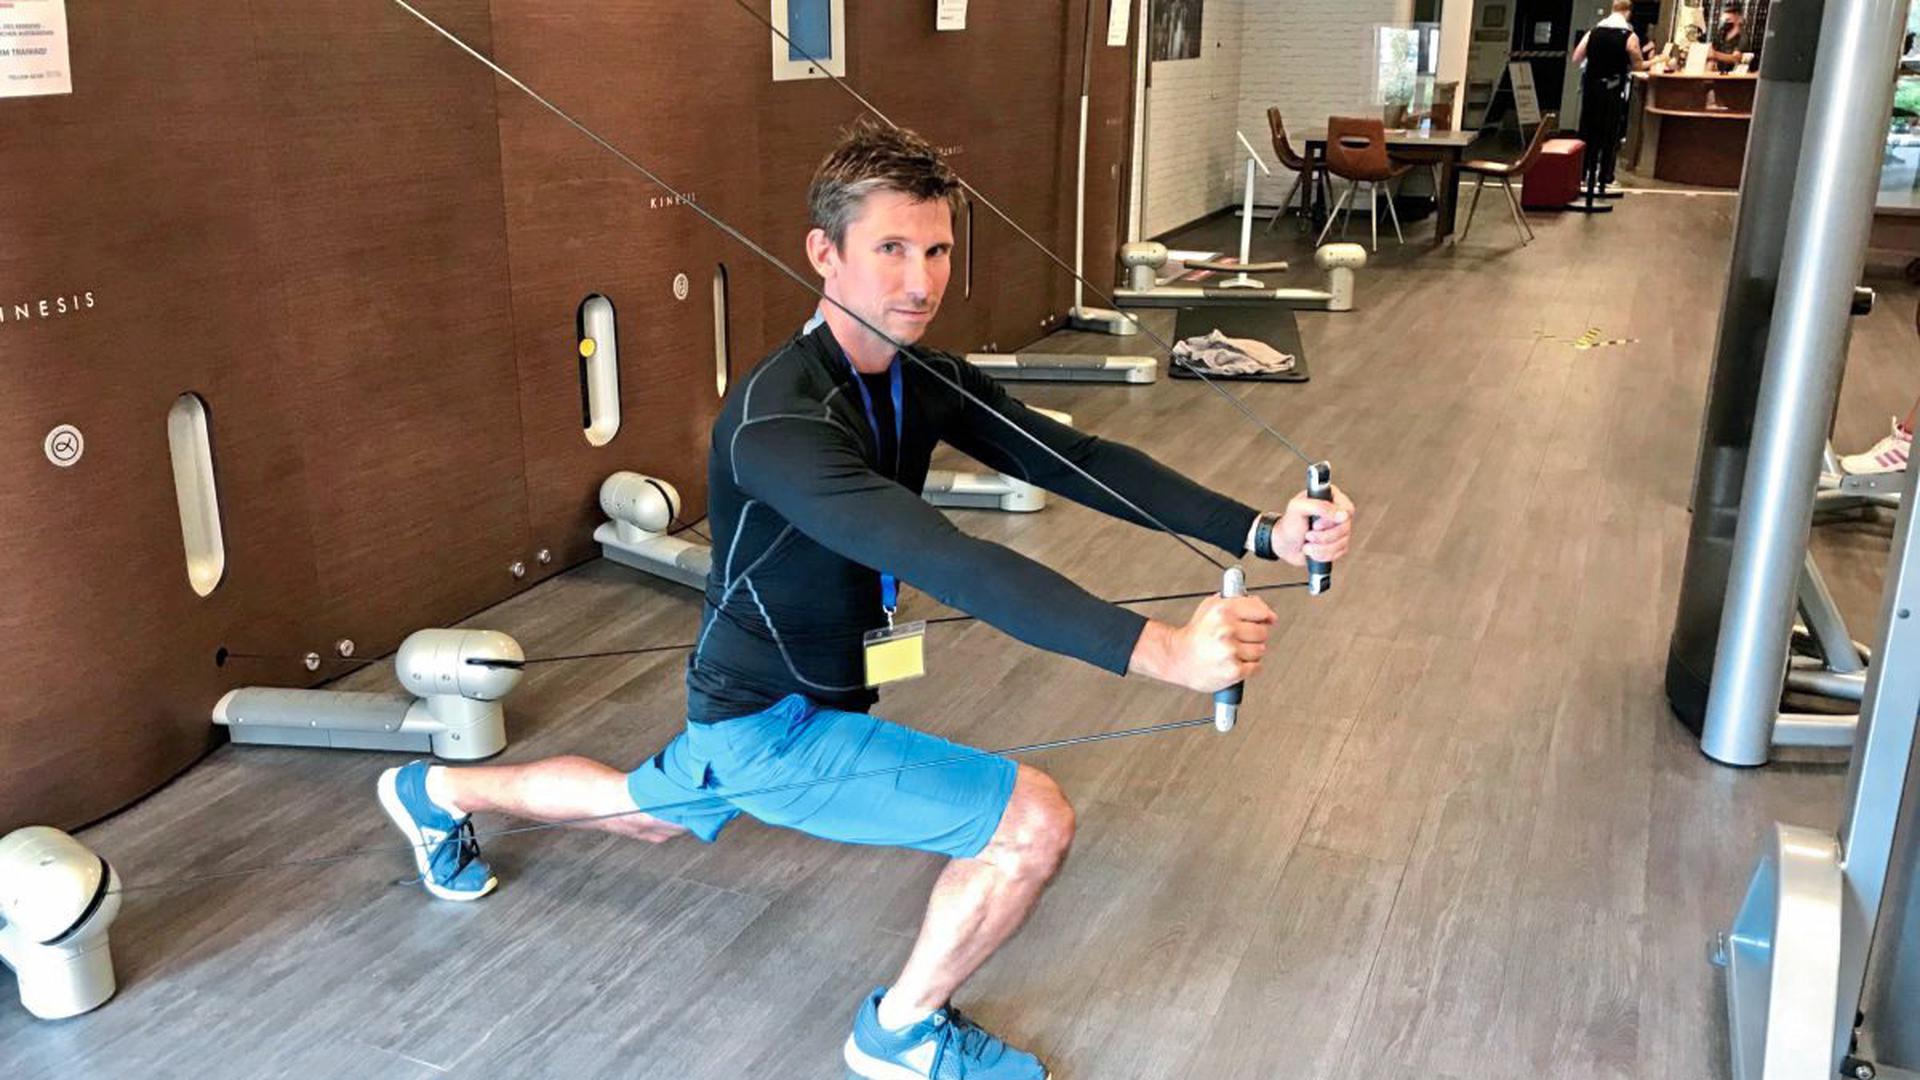 Selbstversuch Probetraining Unter Corona Bedingungen In Rastatter Fitnessstudio